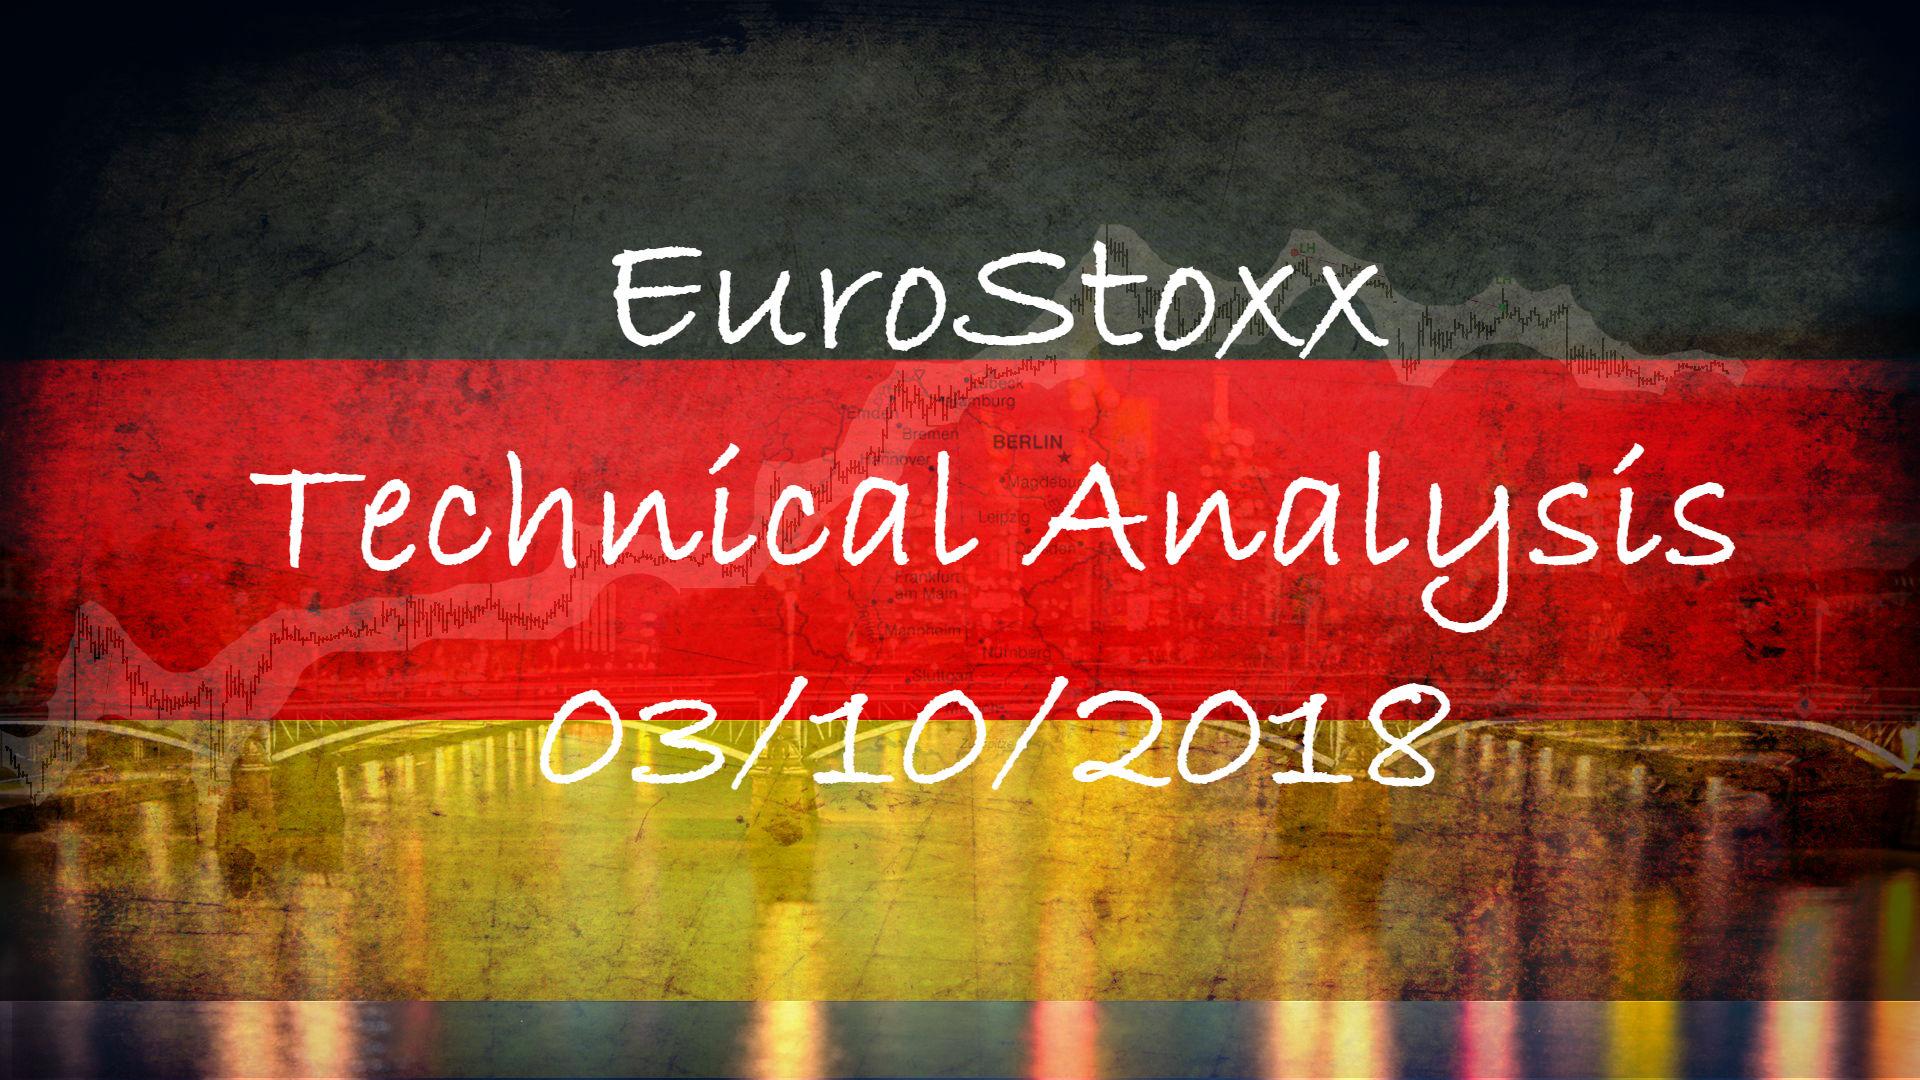 03-10-2018 EuroStoxx Technical Analysis